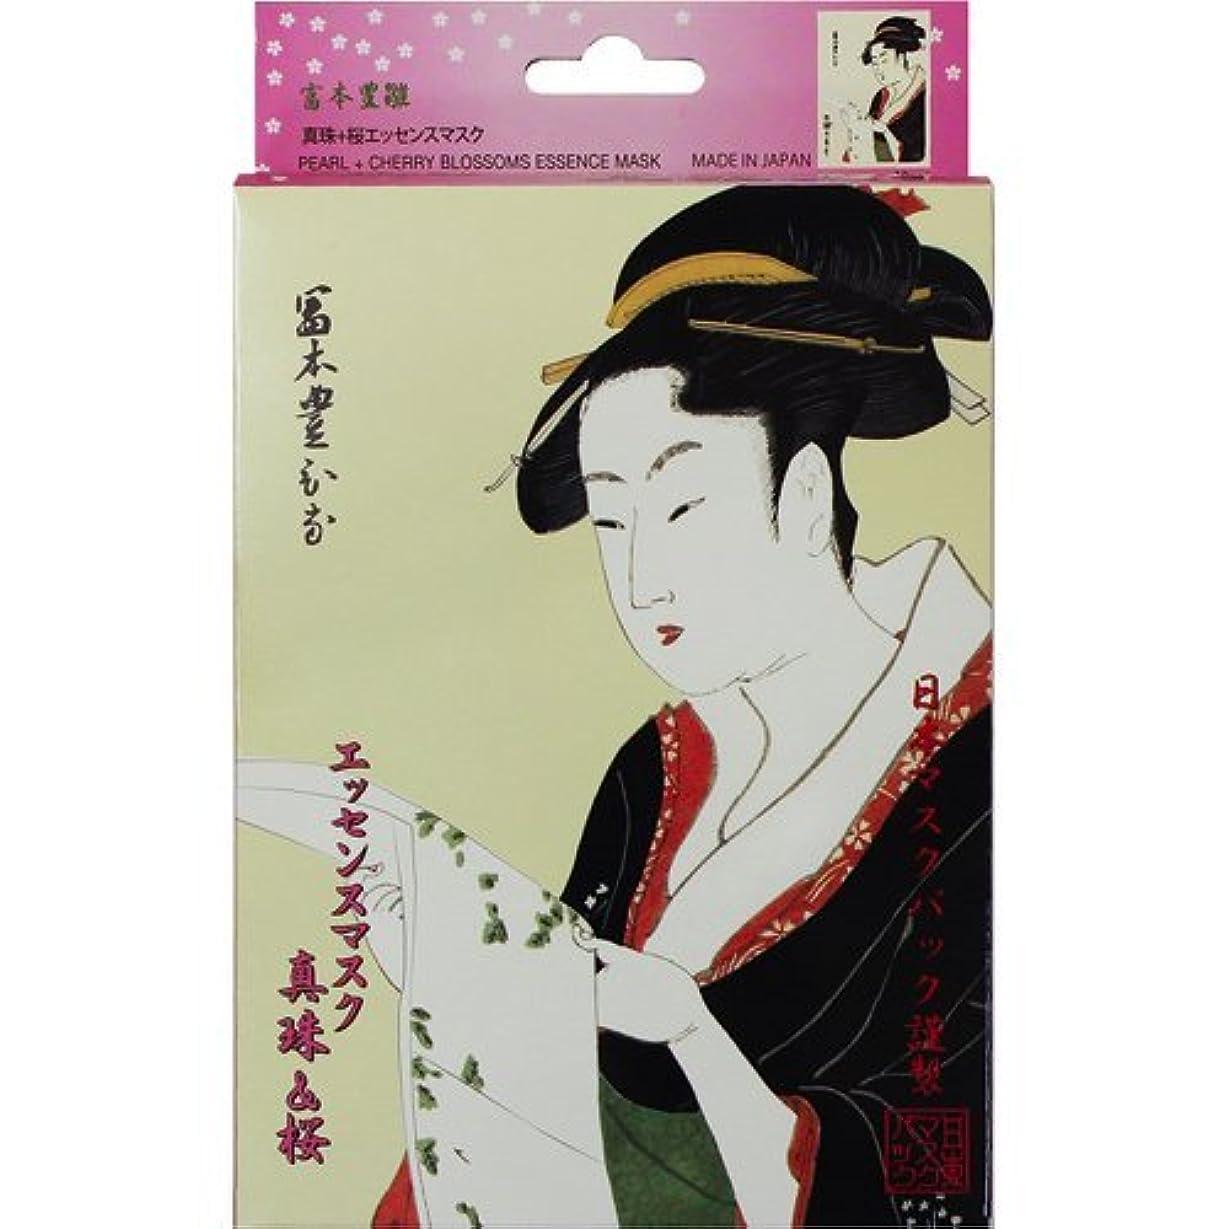 リテラシーインストール十エッセンスマスク +桜10枚